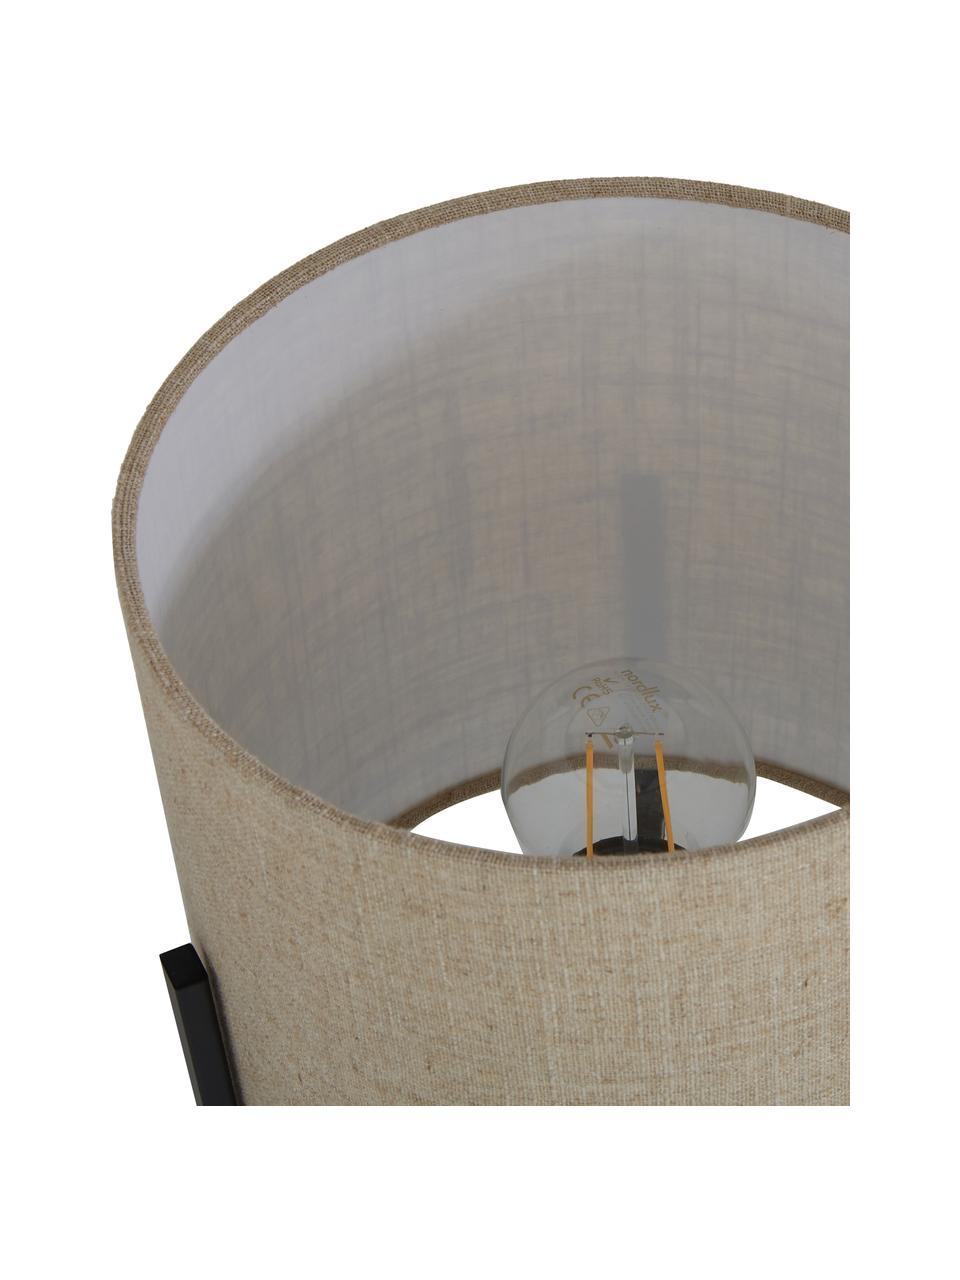 Lampada da tavolo in lino Piper, Paralume: 85% lino, 15% terylen, Base della lampada: metallo verniciato a polv, Beige, Ø 22 x Alt. 38 cm